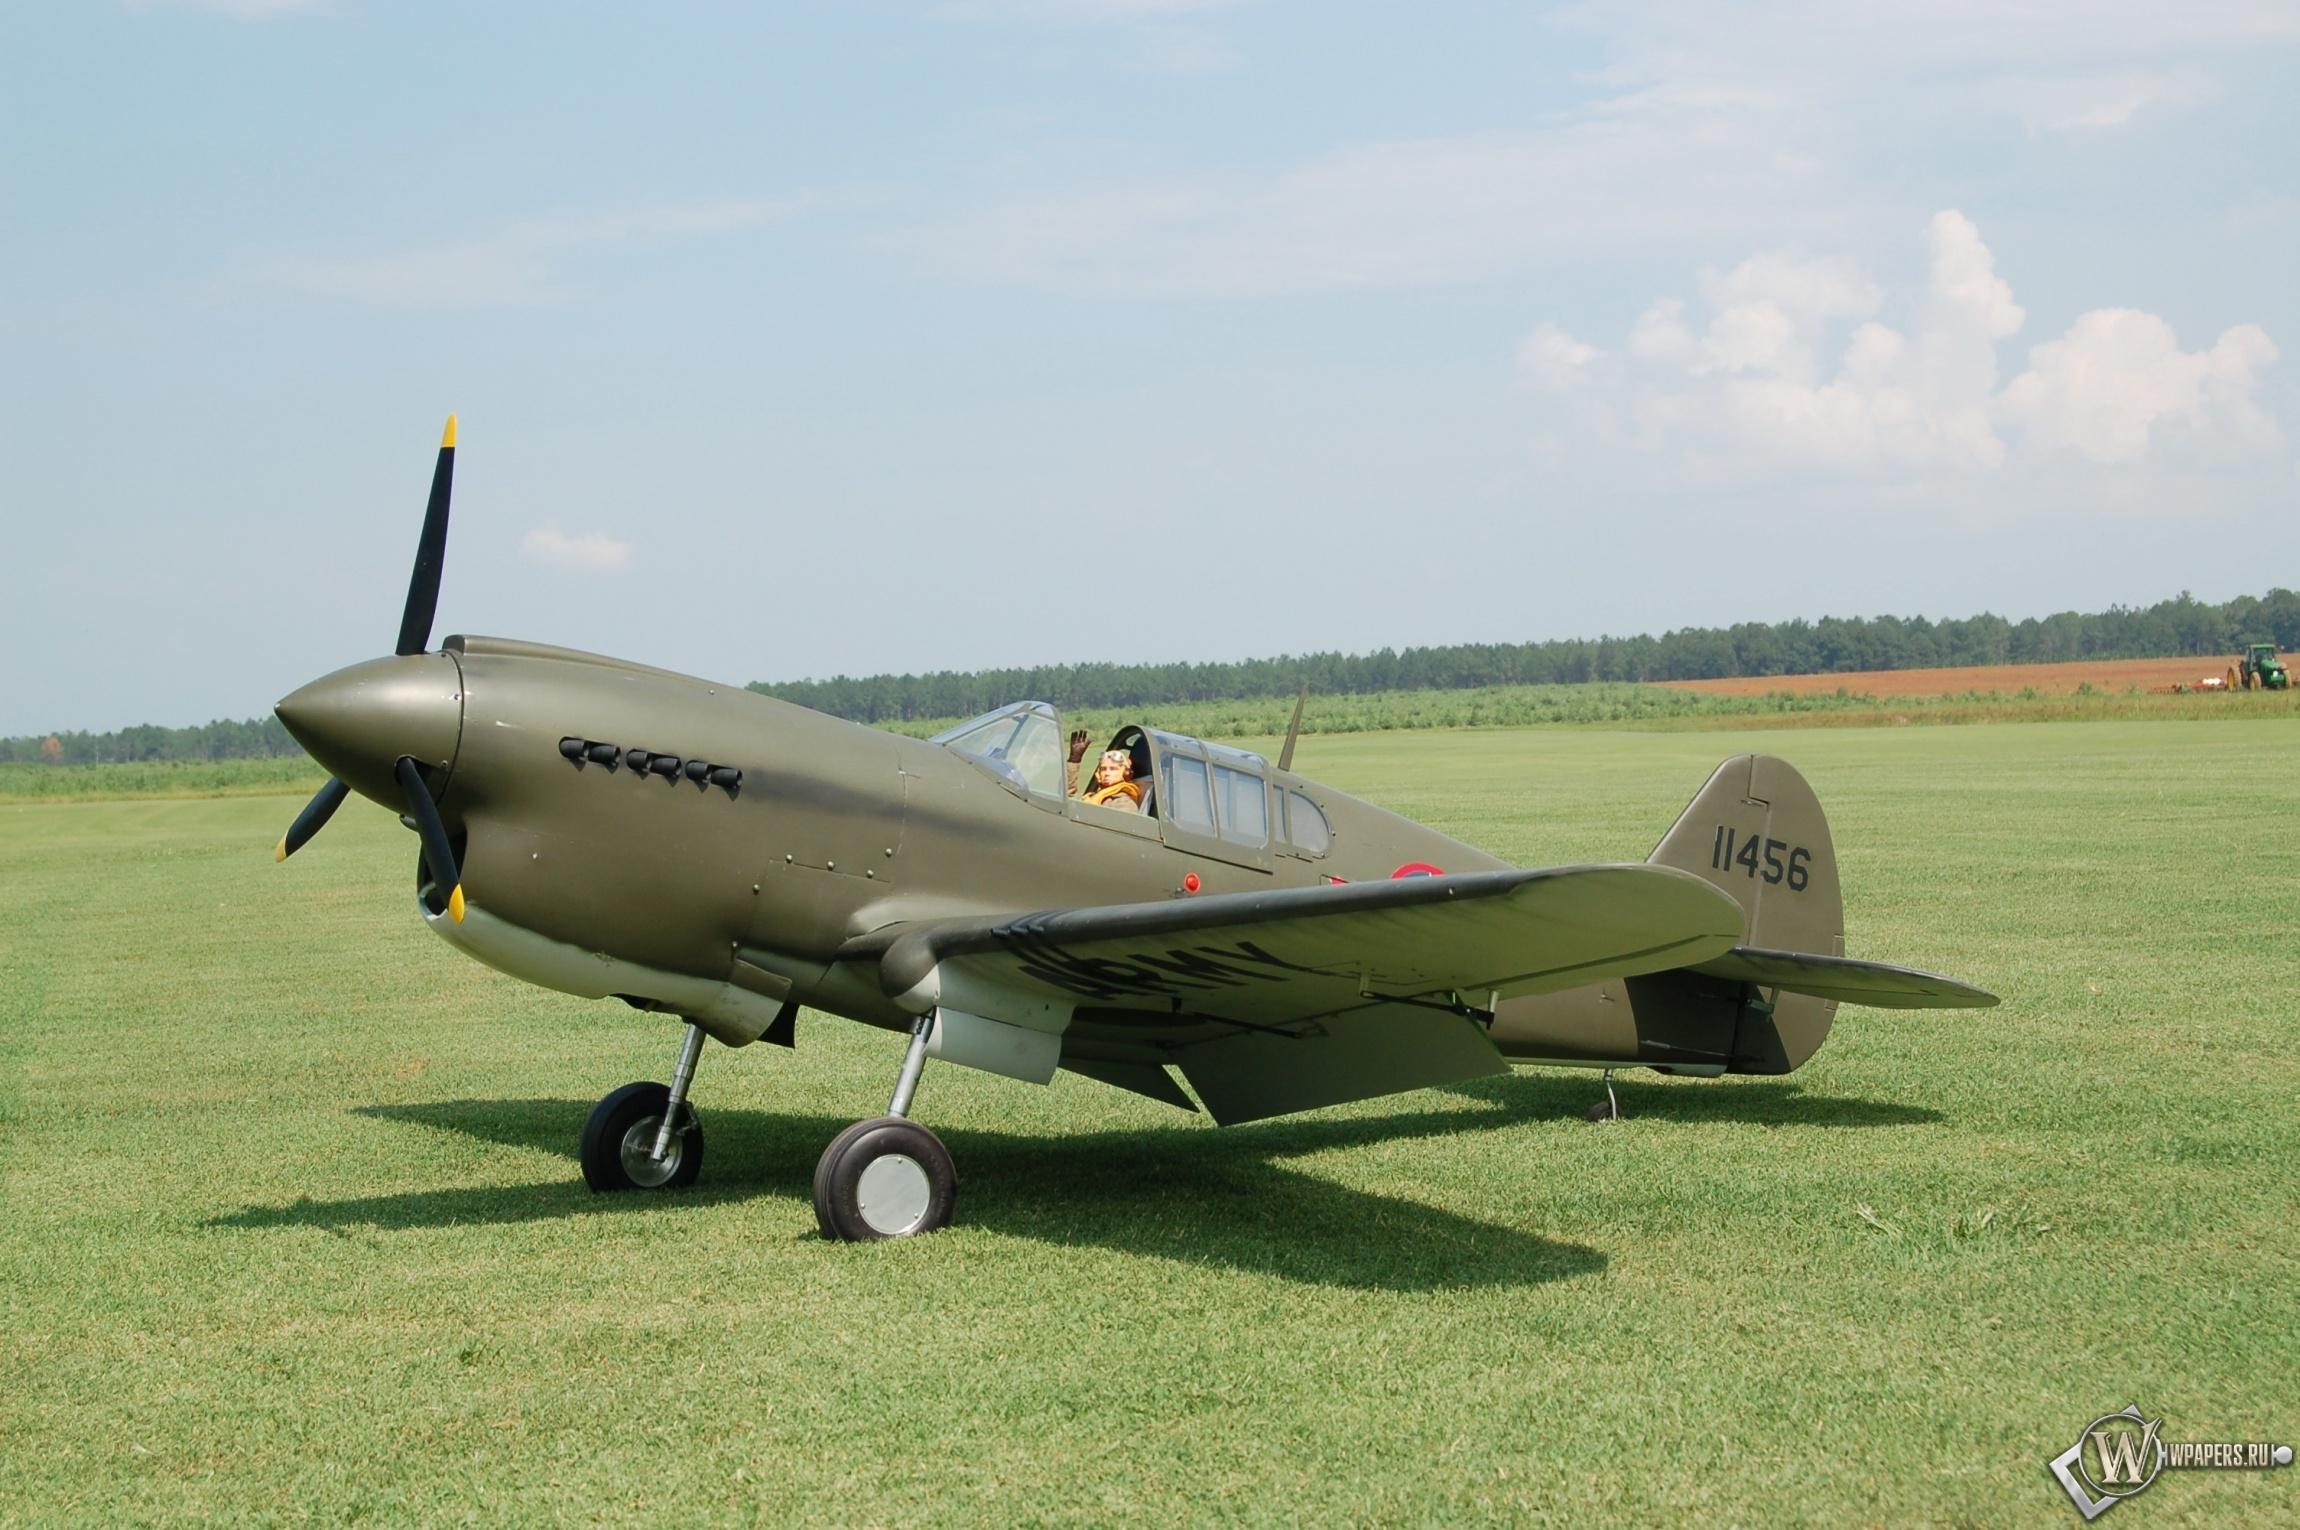 Curtiss P-40 2300x1530